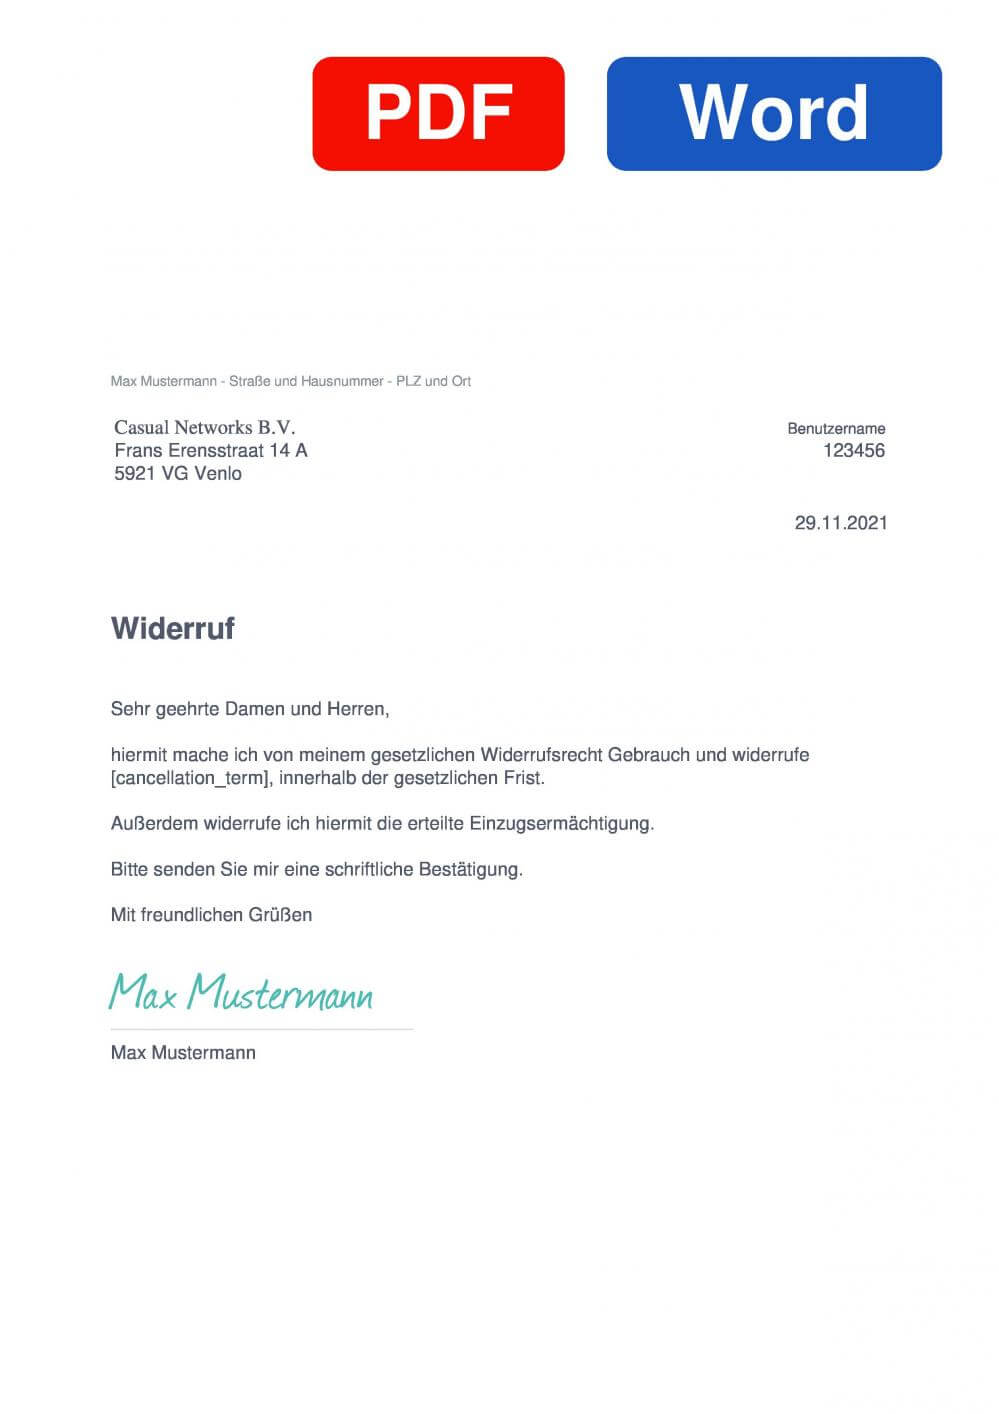 fremdgehen69 Muster Vorlage für Wiederrufsschreiben